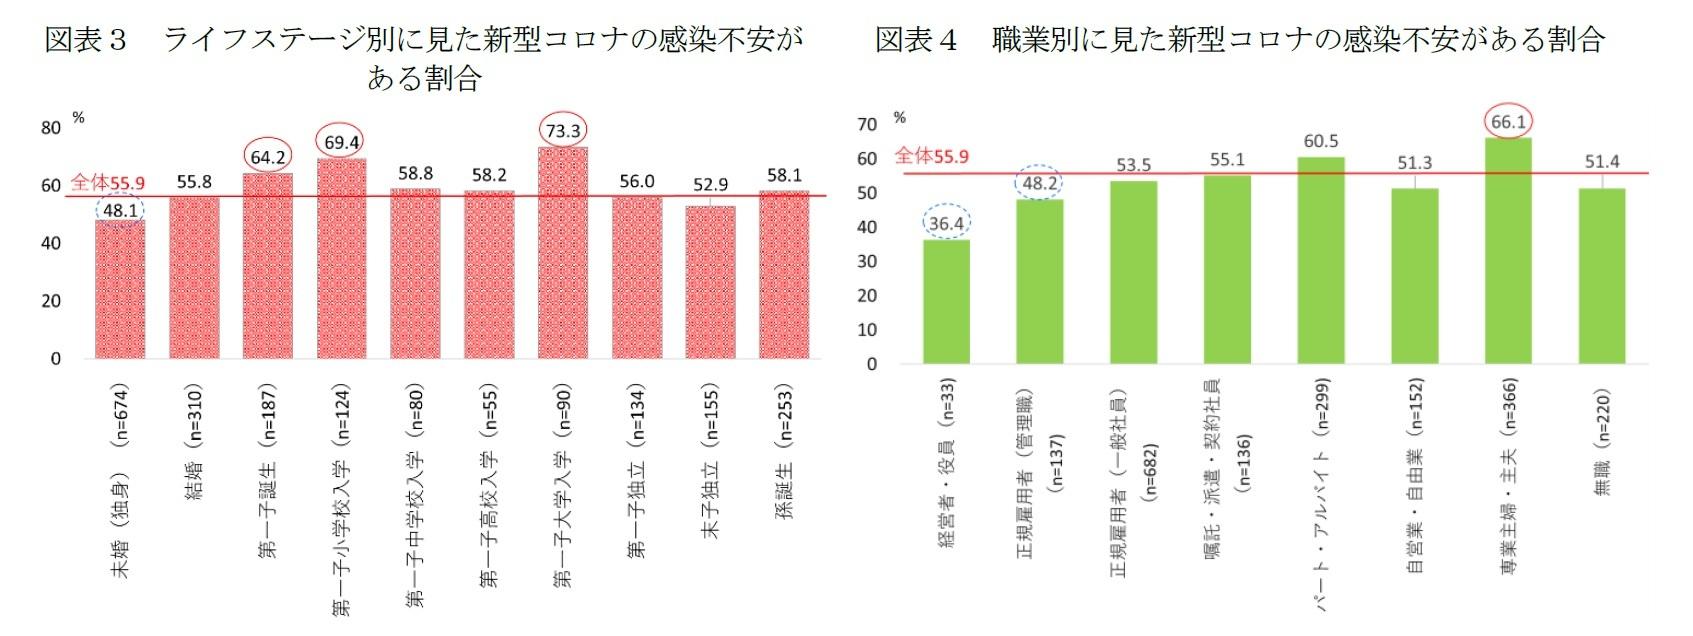 図表3 ライフステージ別に見た新型コロナの感染不安がある割合/図表4 職業別に見た新型コロナの感染不安がある割合